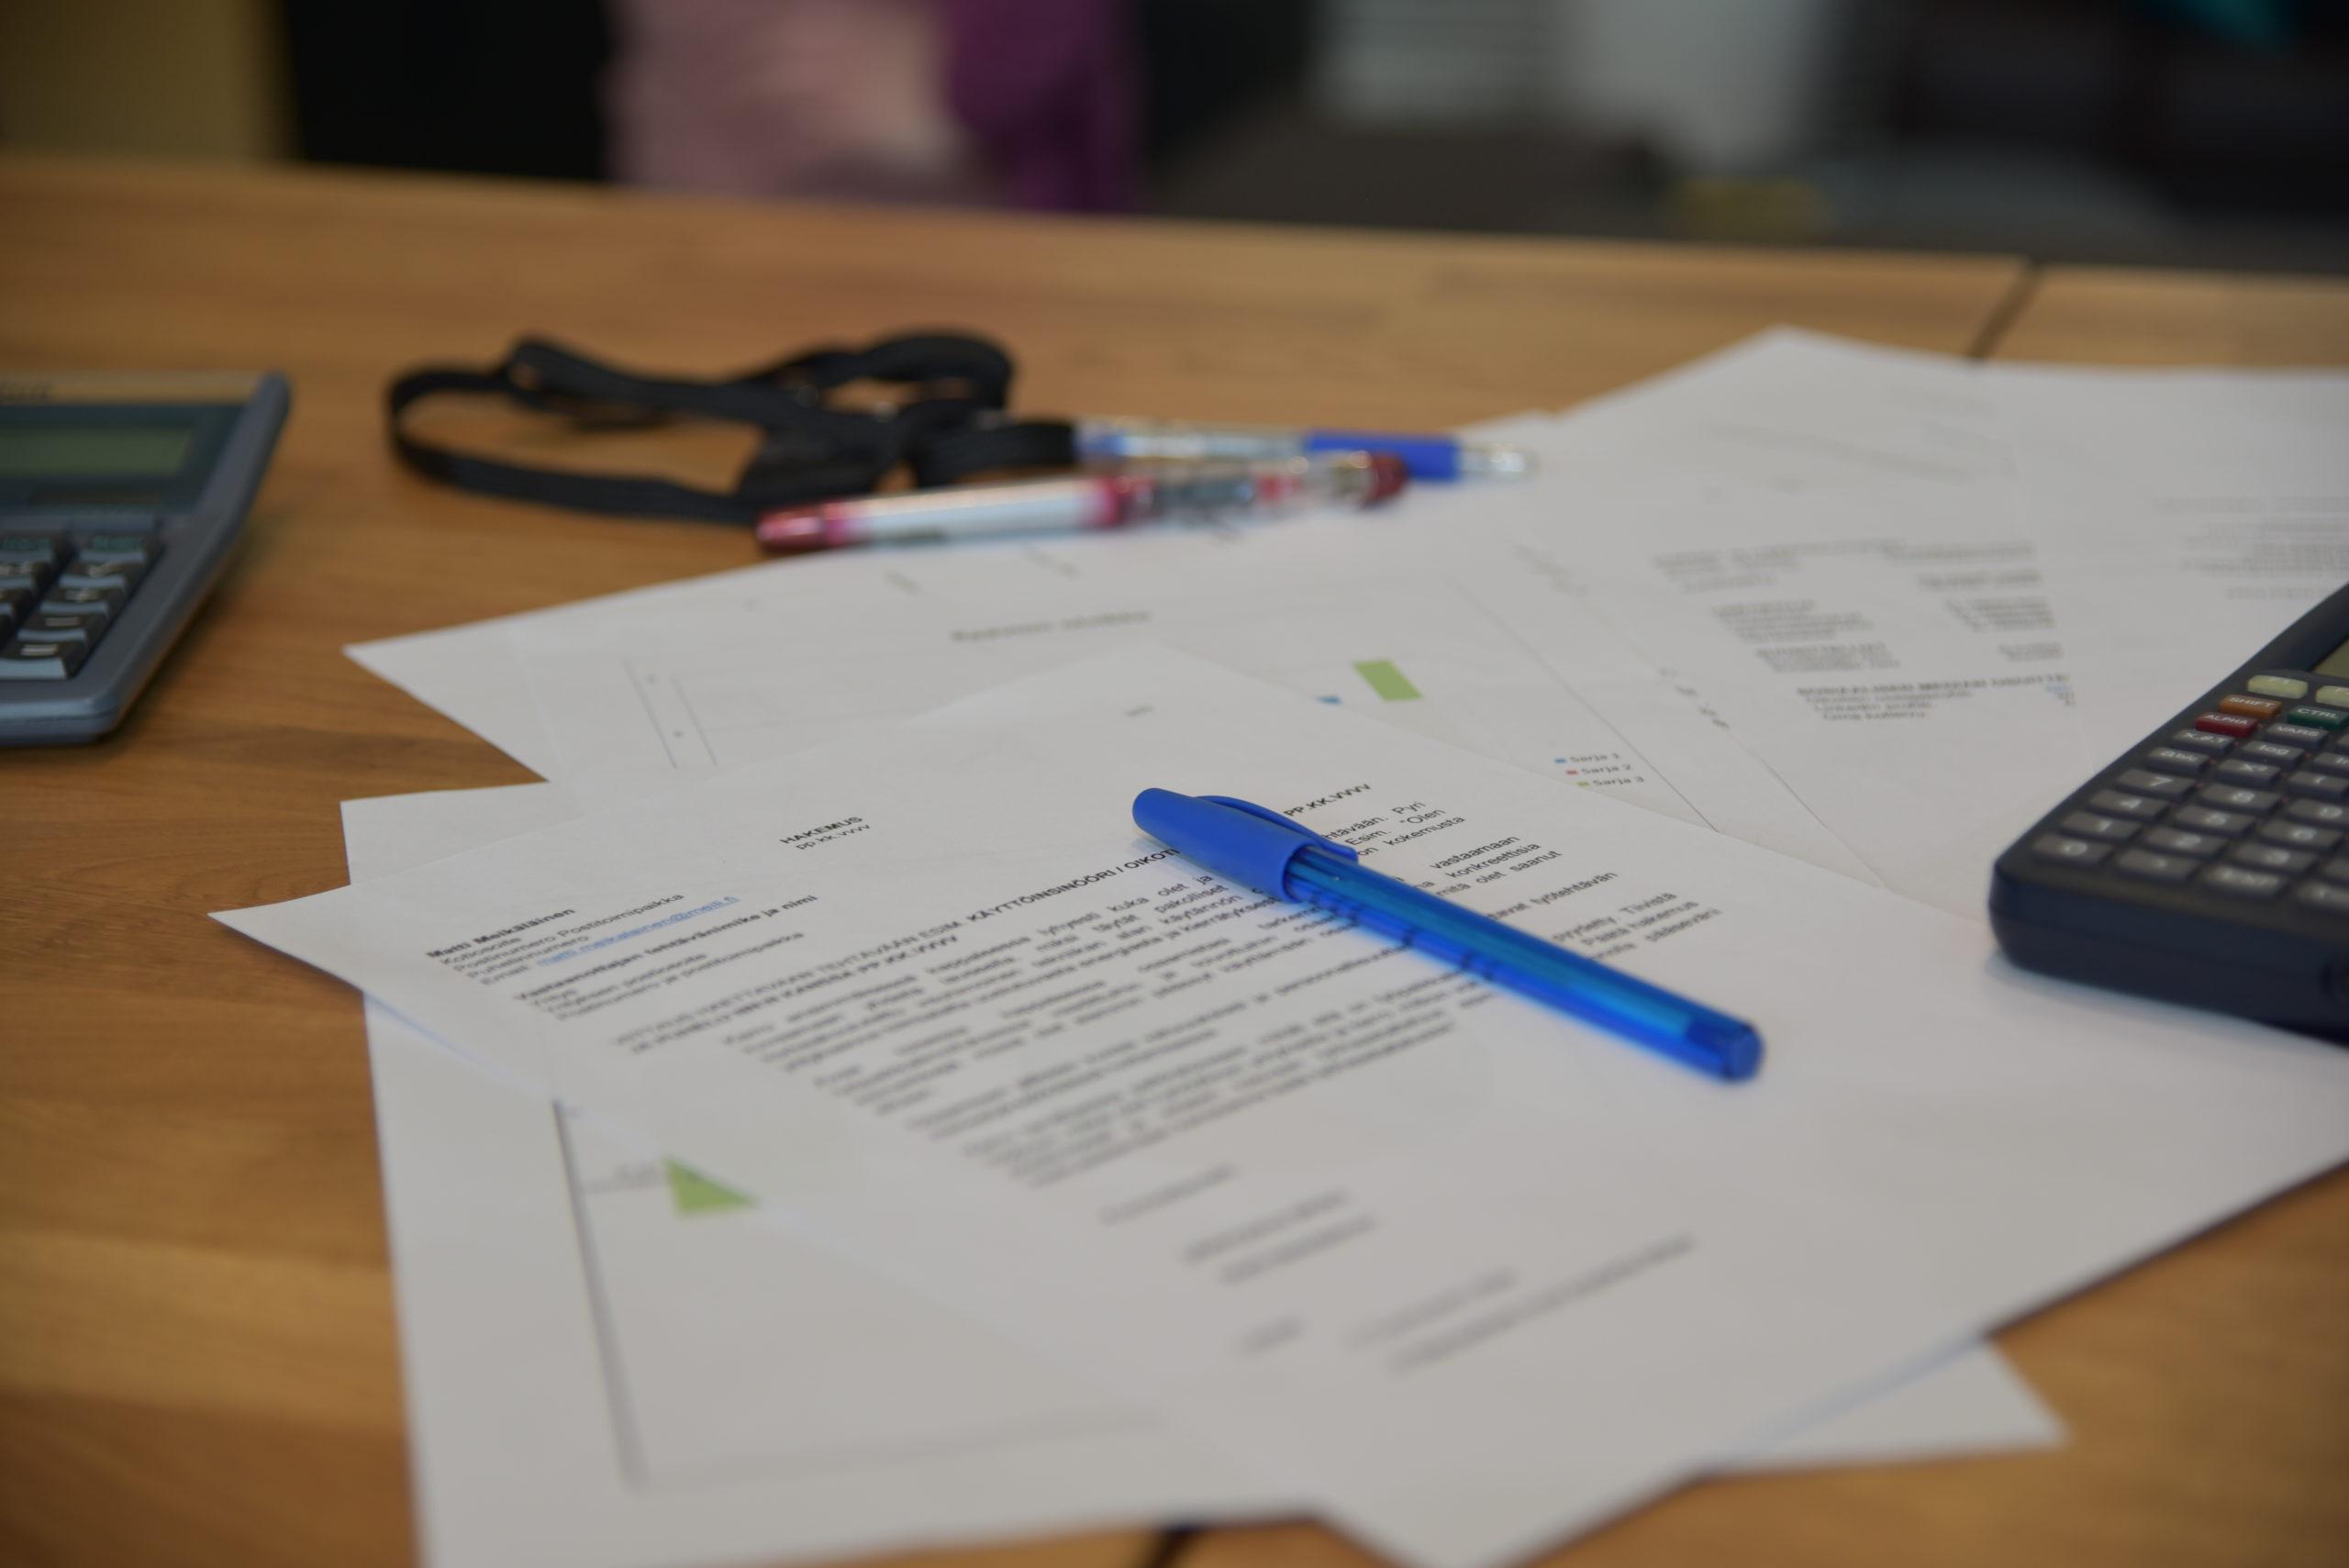 Papereita ja kynä